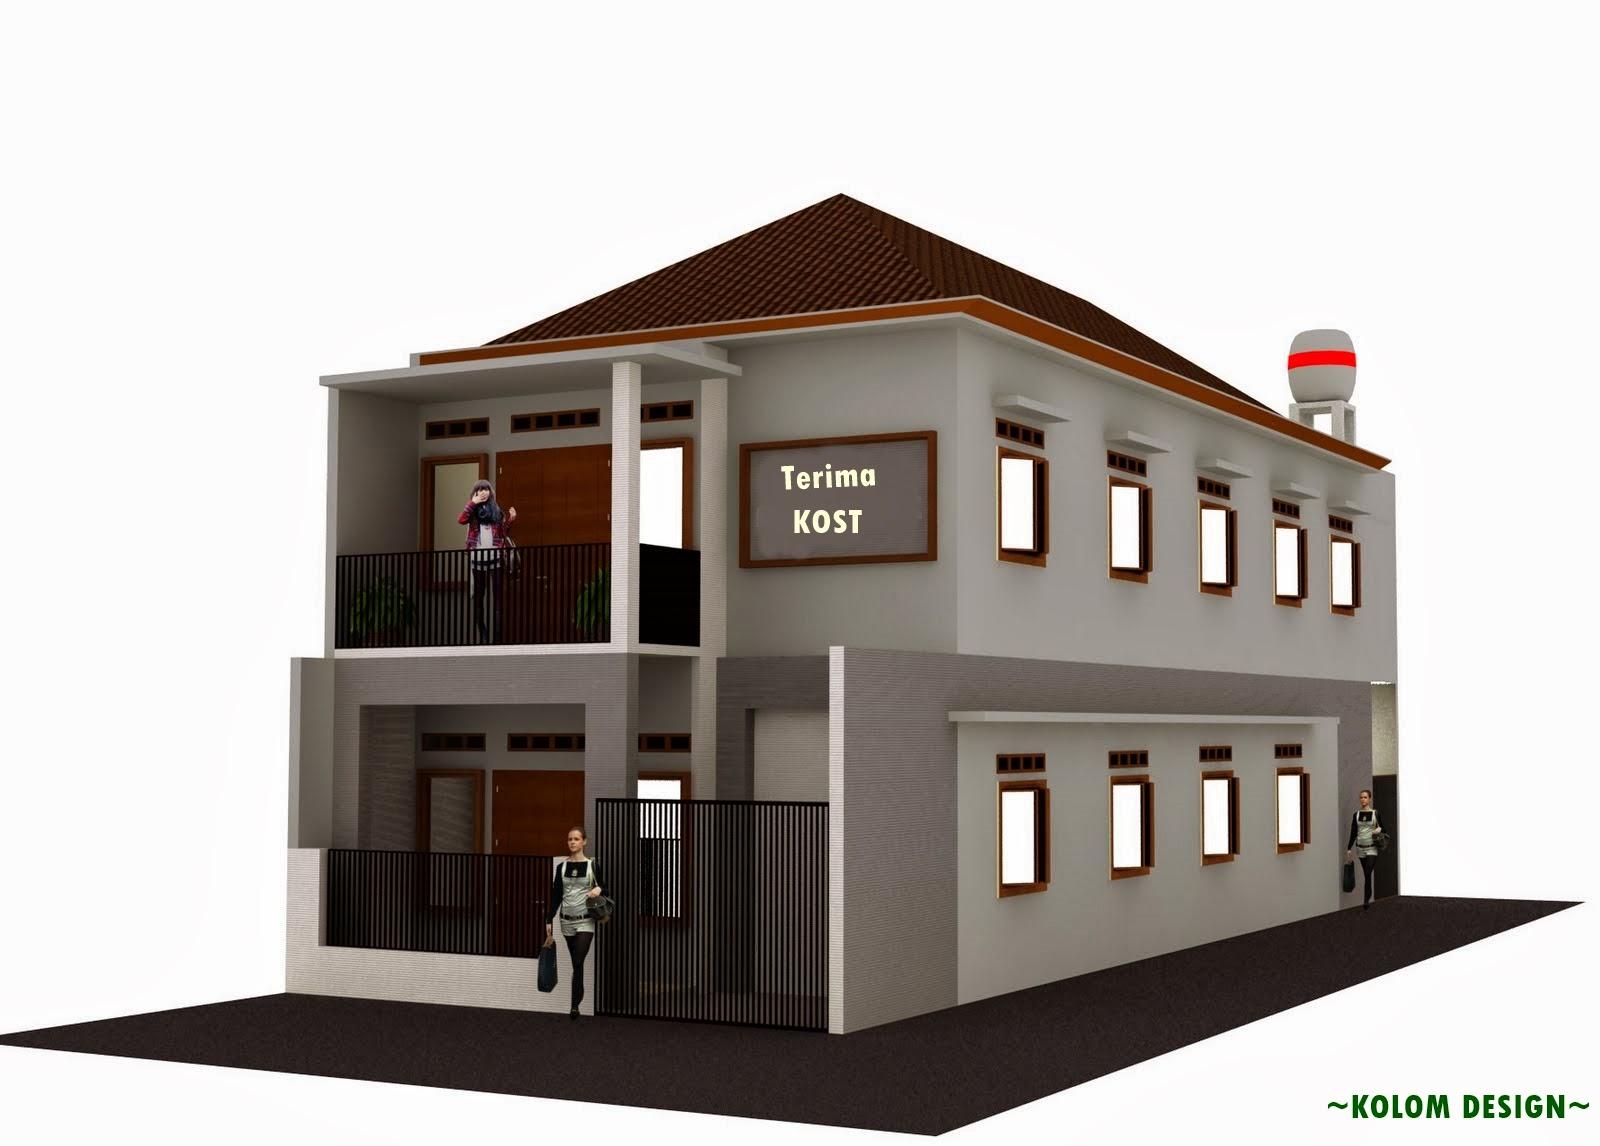 Contoh Artikel Pelayanan Prima Makalah Pelayanan Prima Pengertian Dan Definisi S B252;cher Verkaufen Die Besten 5 Von Gambar Rumah Kost May 2016